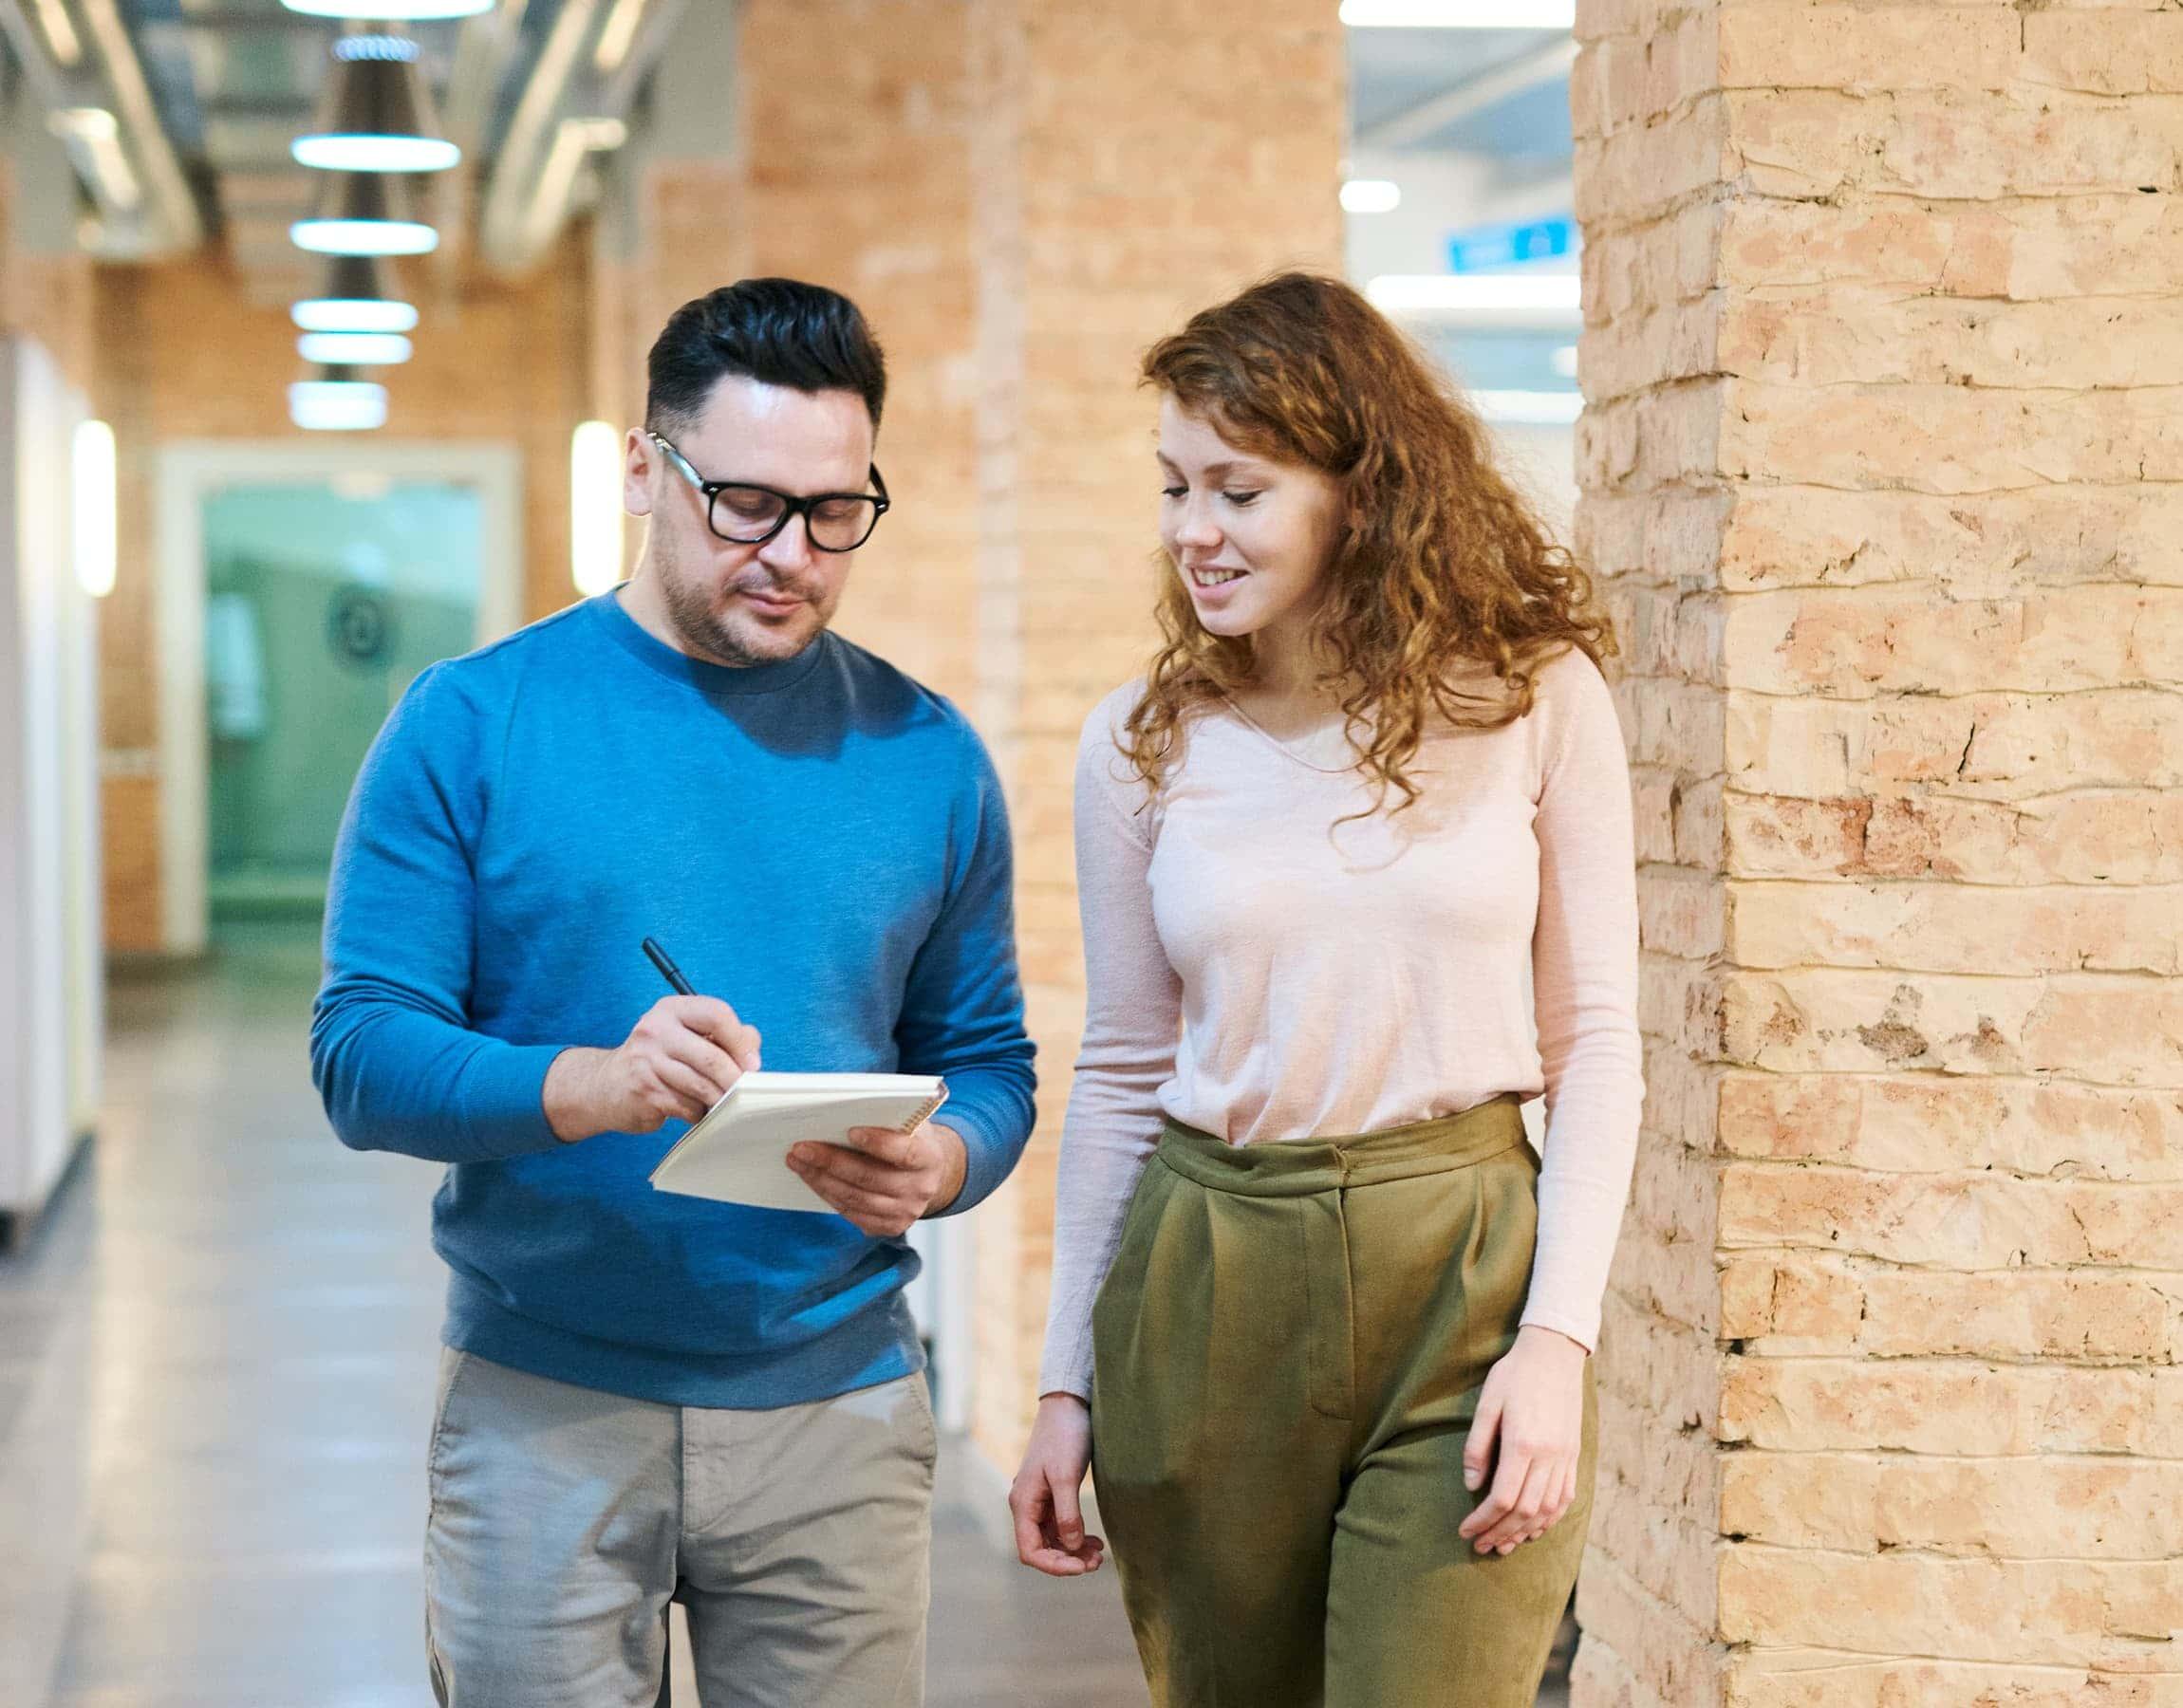 Uomo e donna in un corridoio